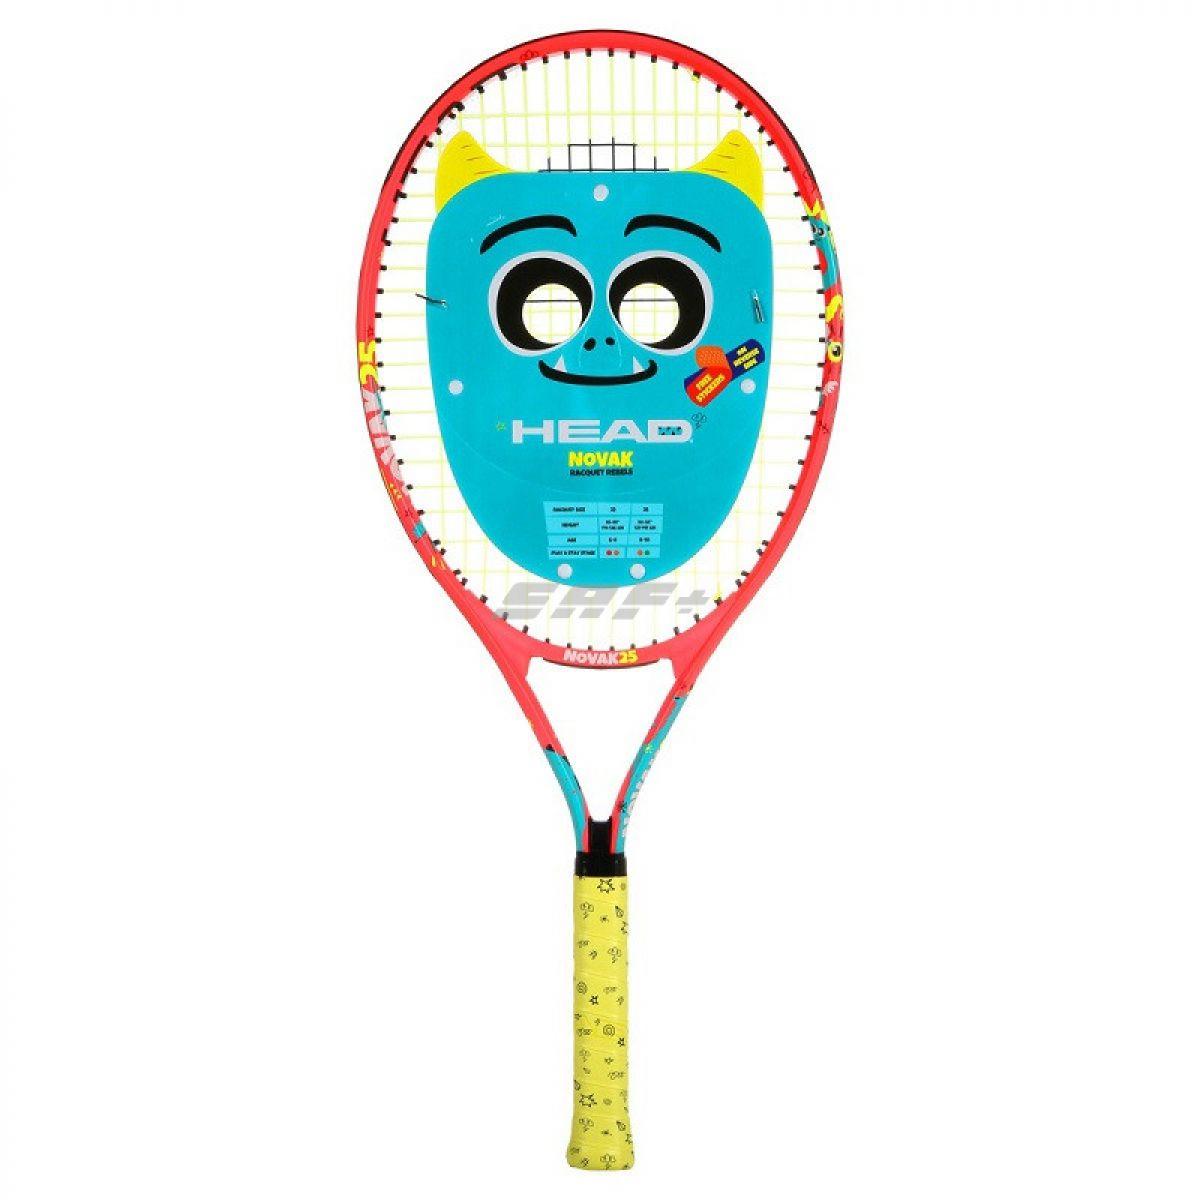 Ракетка теннисная Ракетка б/т дет. HEAD Novak 23 Gr06, арт.233510, для 6-8 лет, алюм., со струнами, красн-cине-желтый